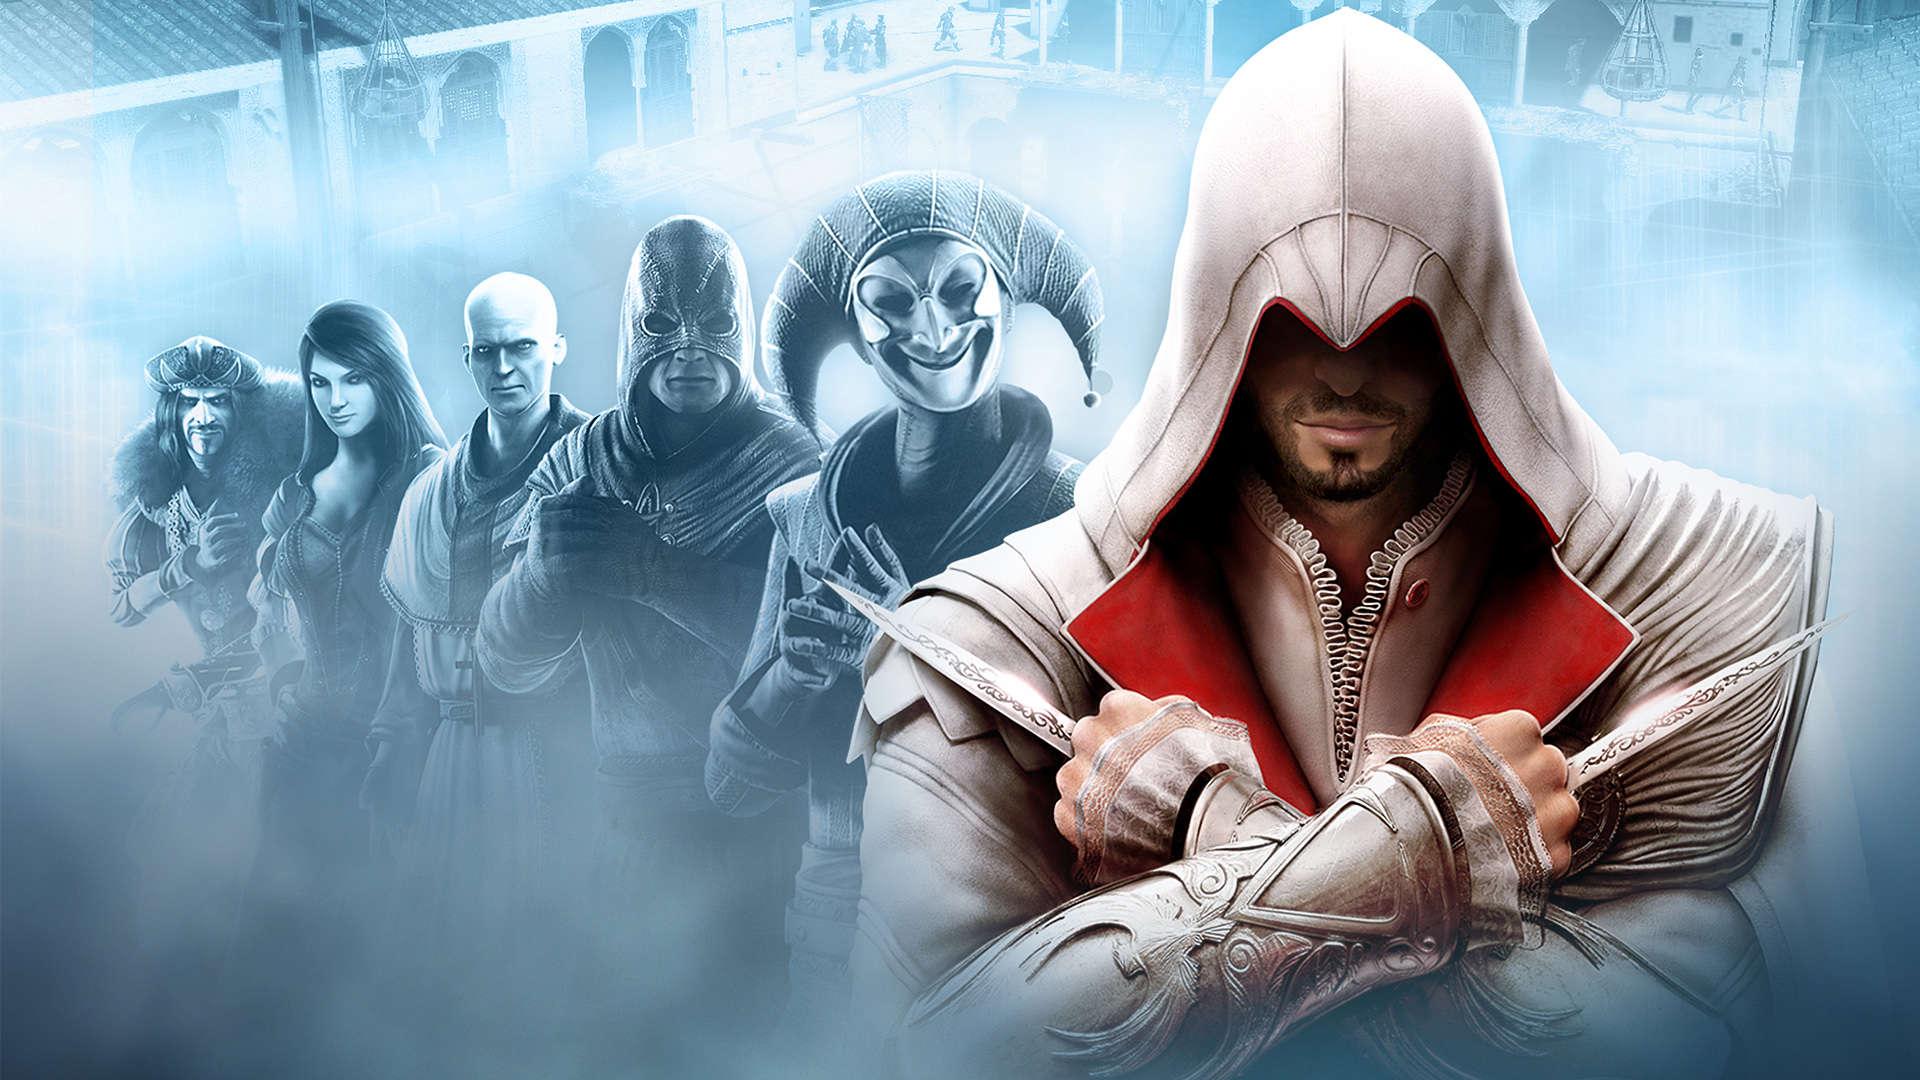 Assassins Creed 4 Wallpaper Widescreen 1920x1080